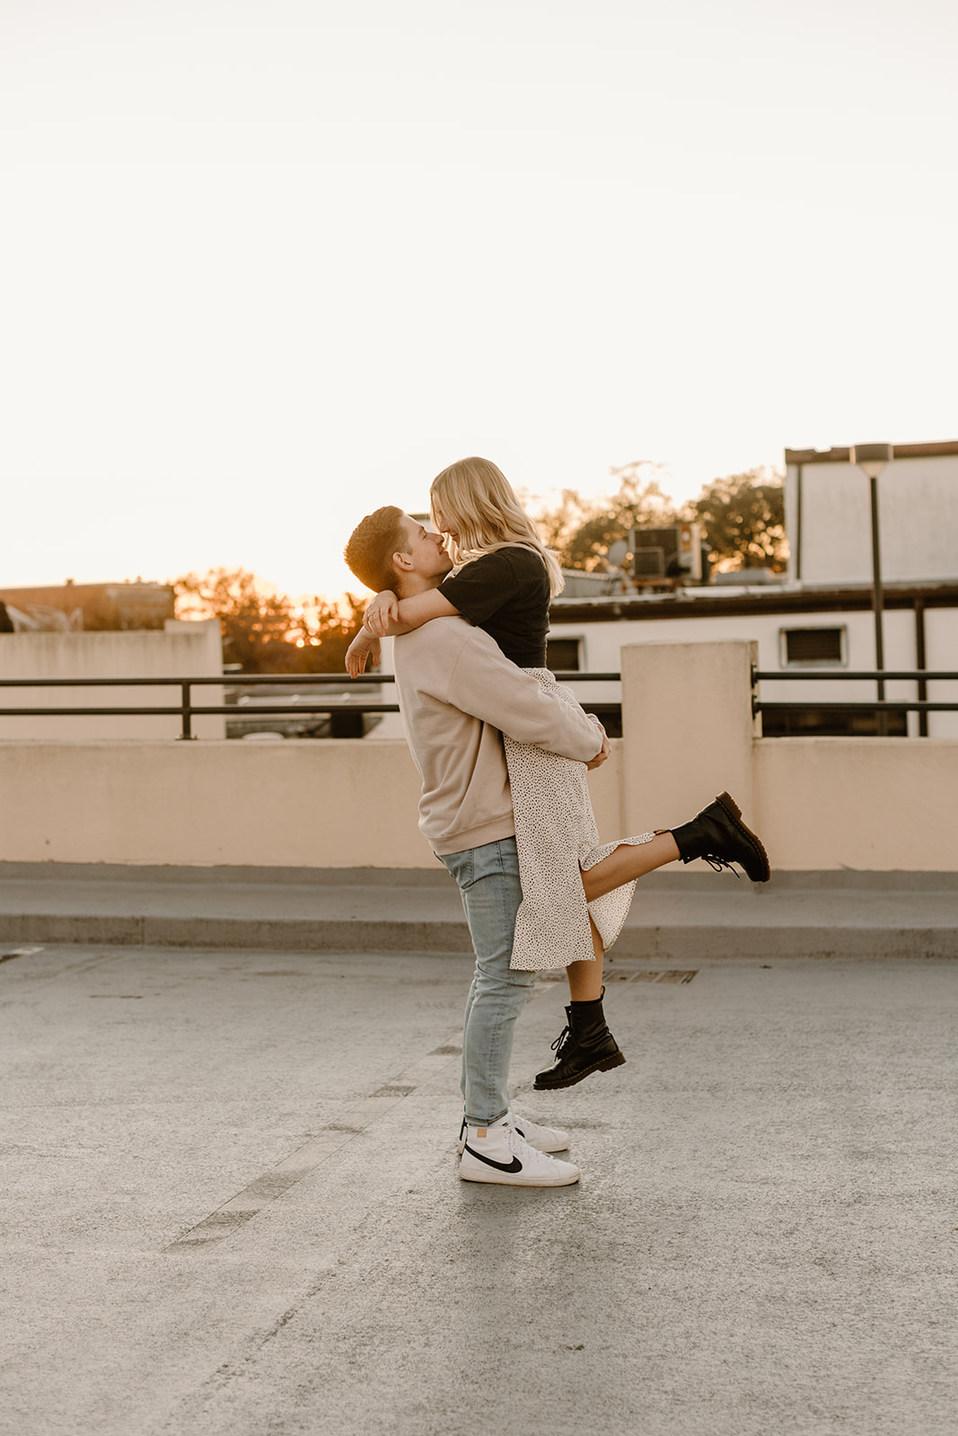 Lakeland Rooftop Engagement Photoshoot